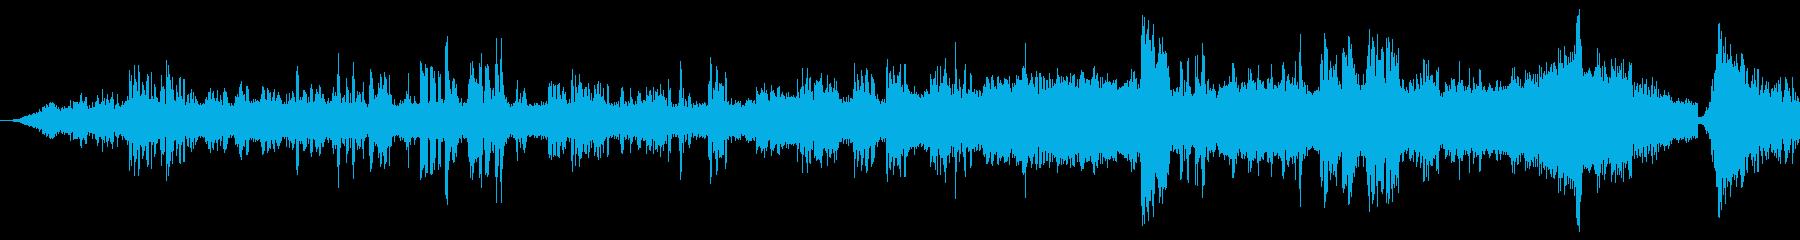 スペースファイターデュエル:ヴィン...の再生済みの波形